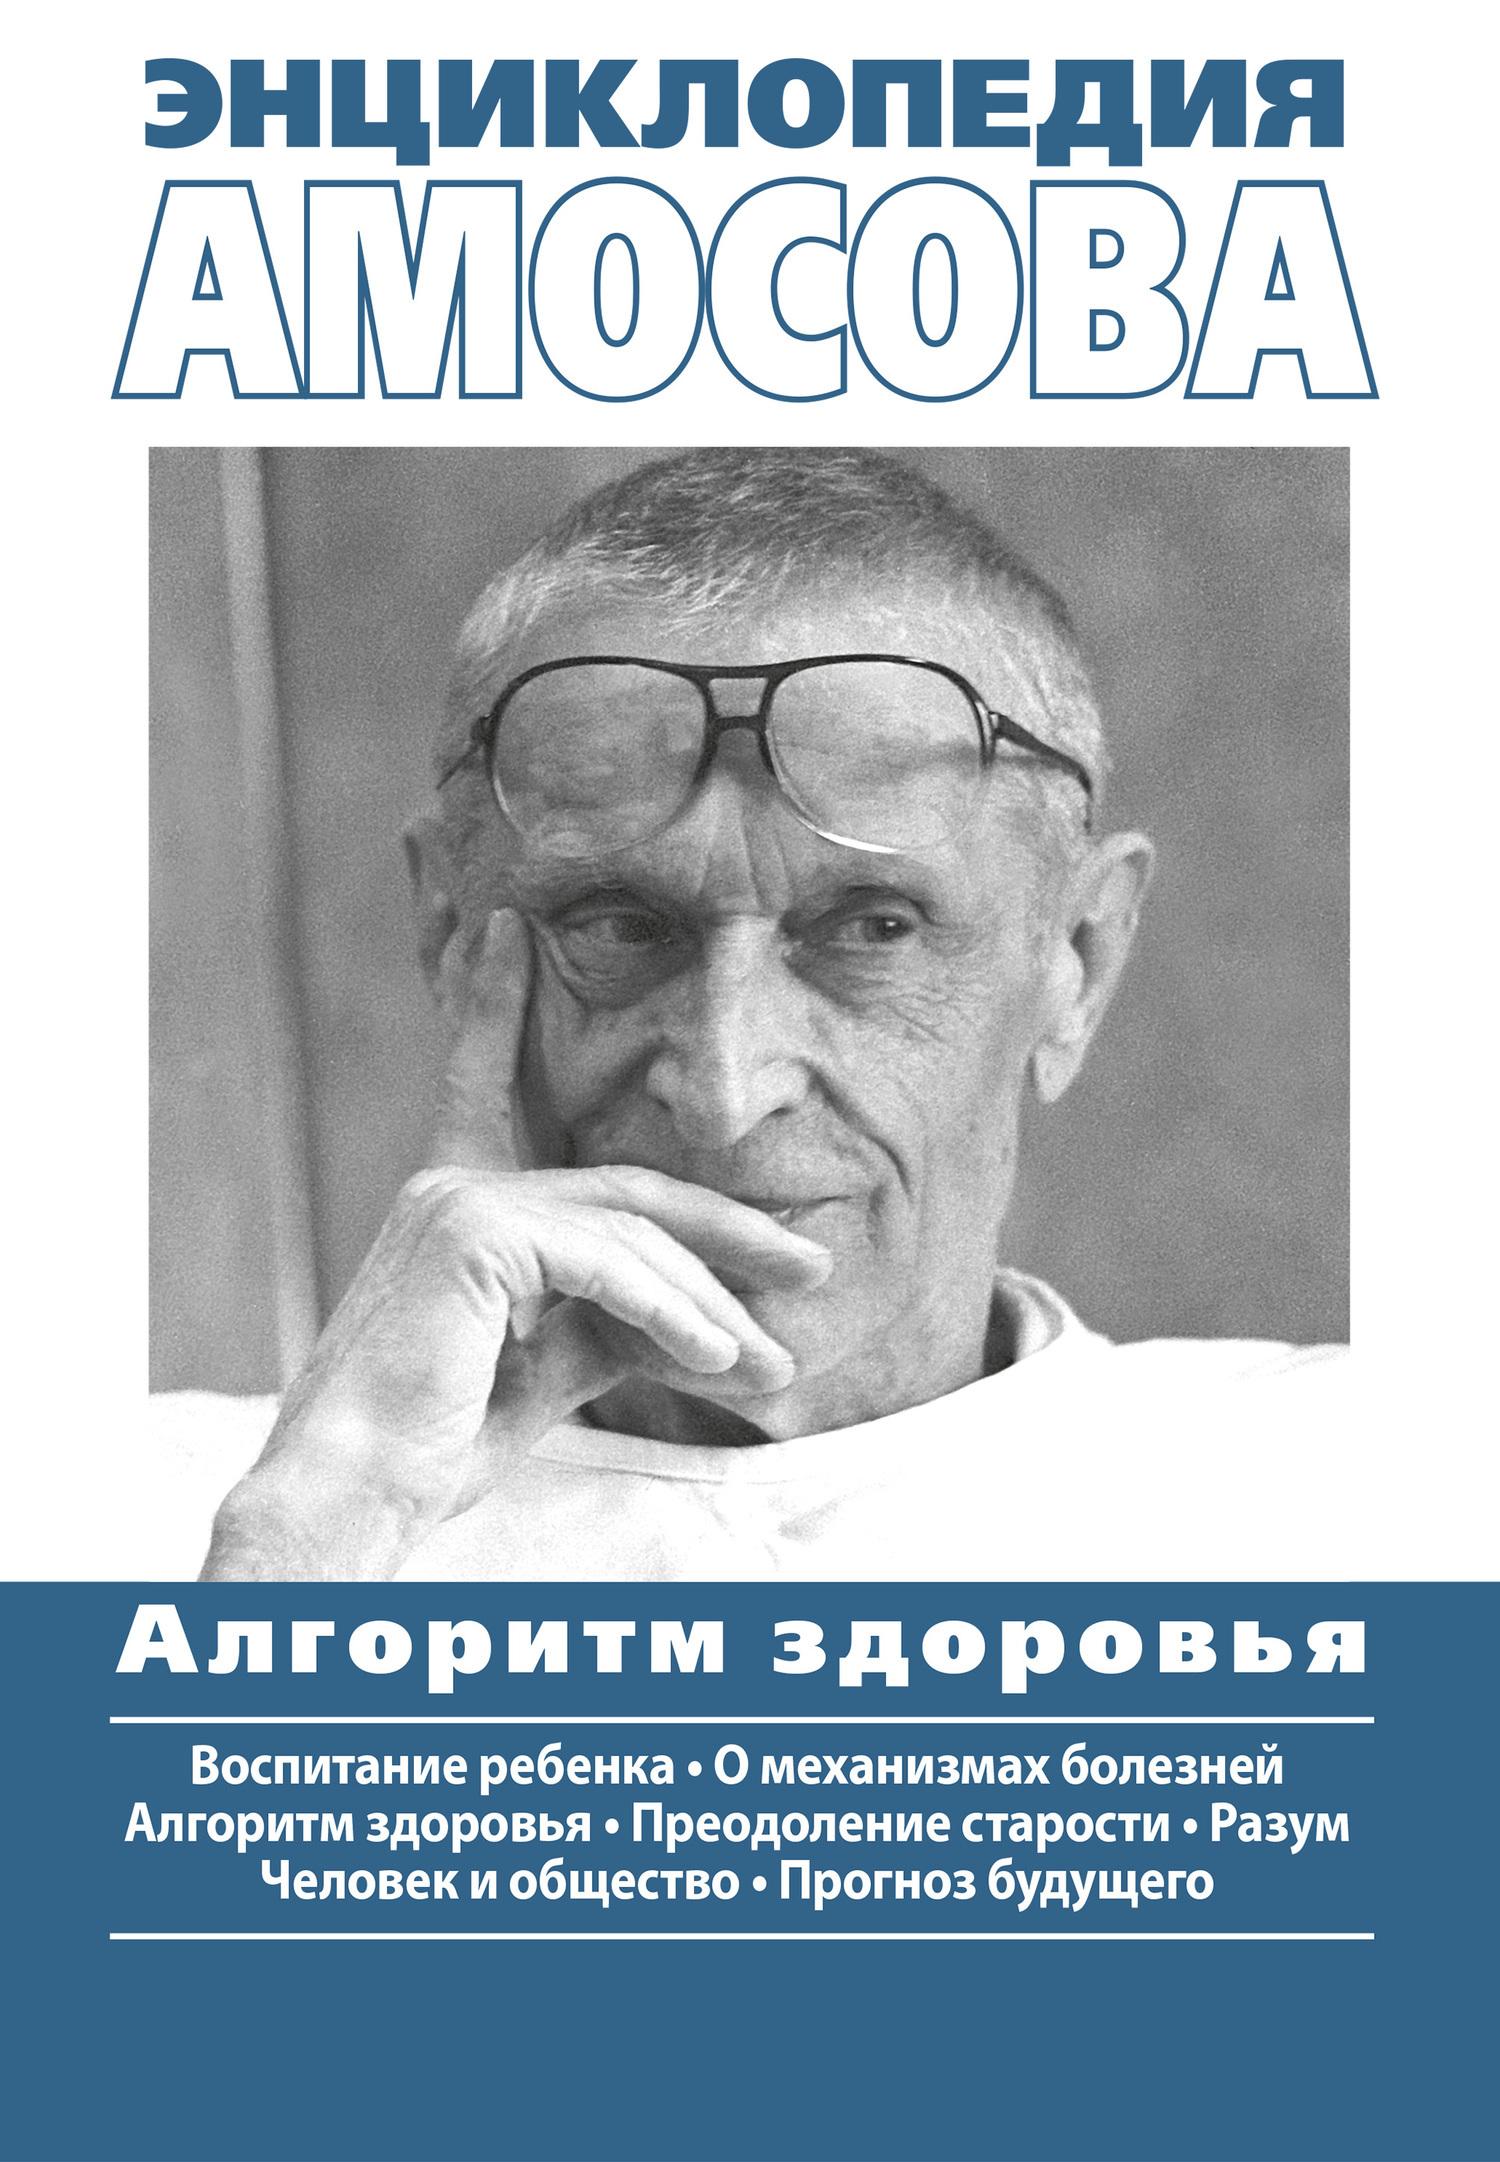 Николай Амосов - Энциклопедия Амосова. Алгоритм здоровья